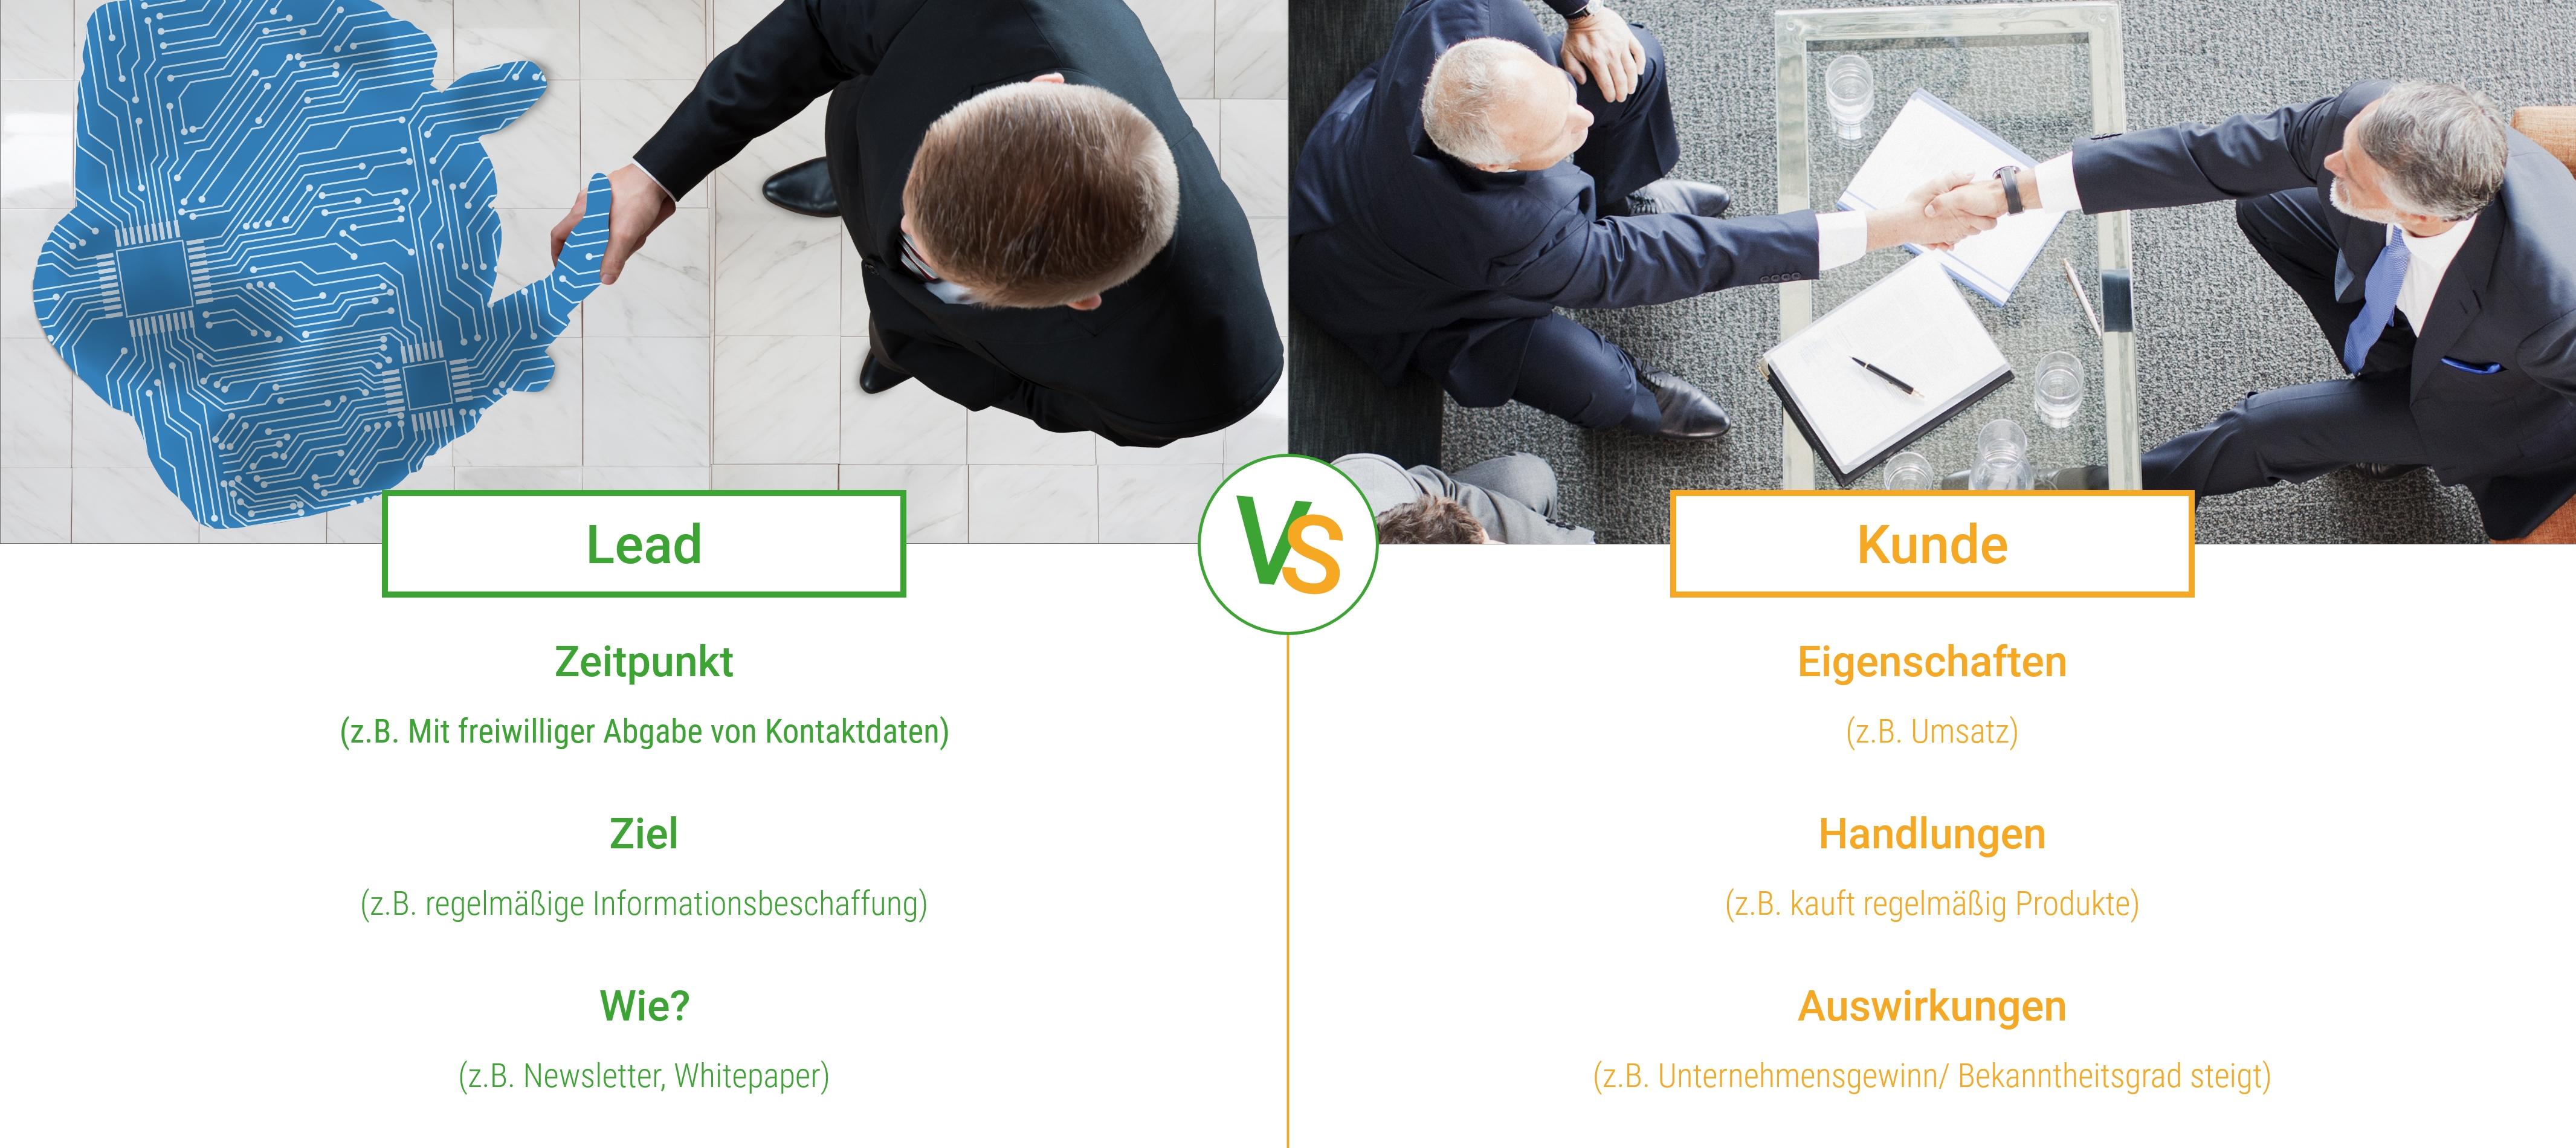 Der Unterschied zwischen Lead und Kunde